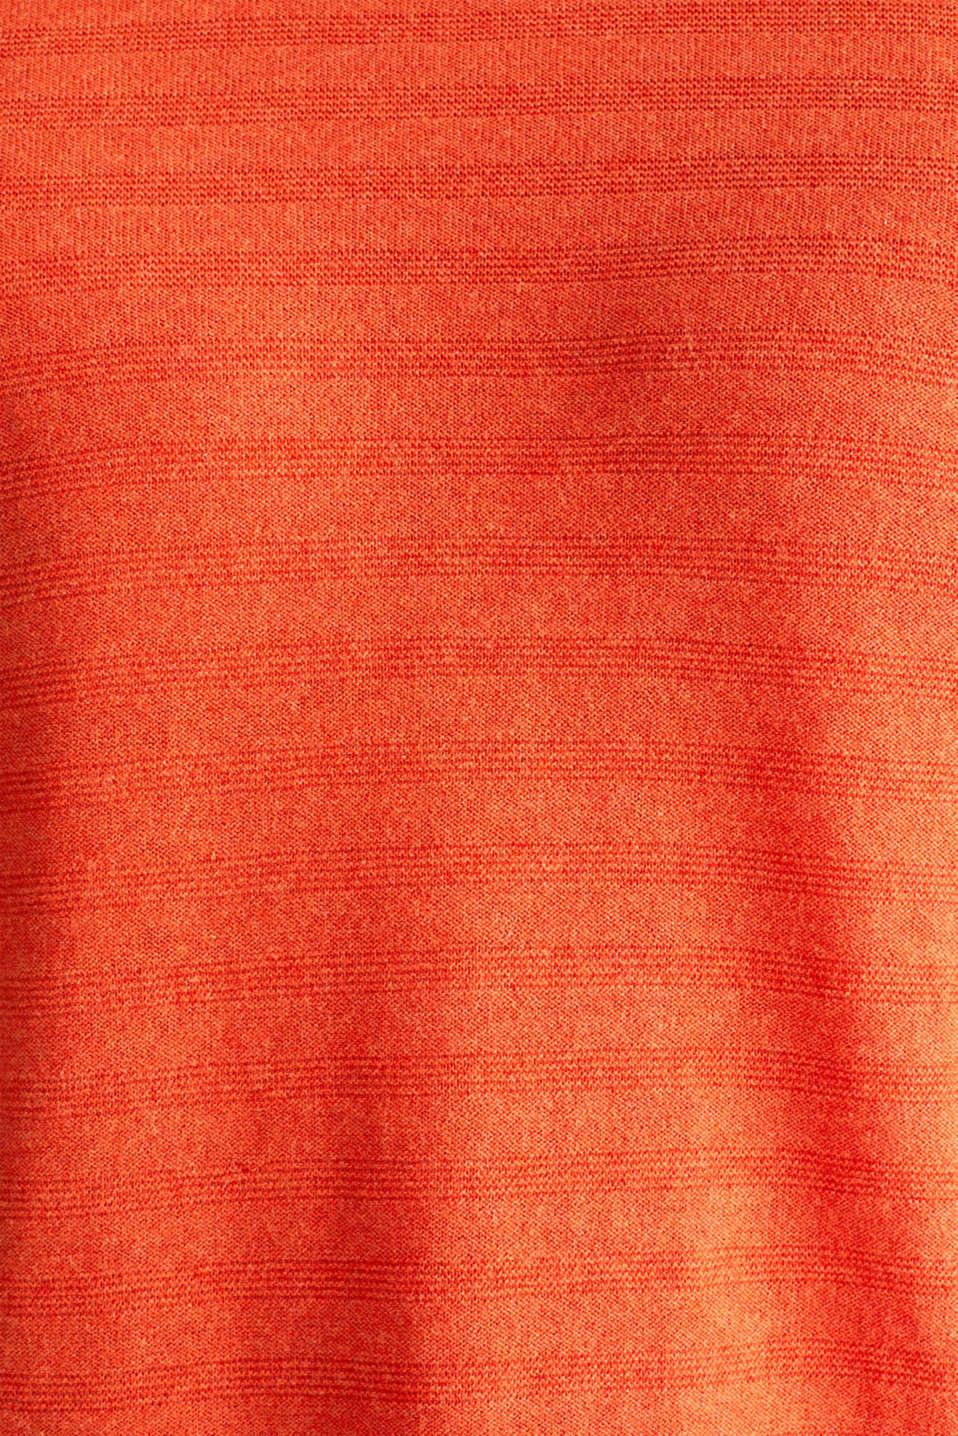 Blended silk: textured knit jumper, RUST ORANGE 5, detail image number 3